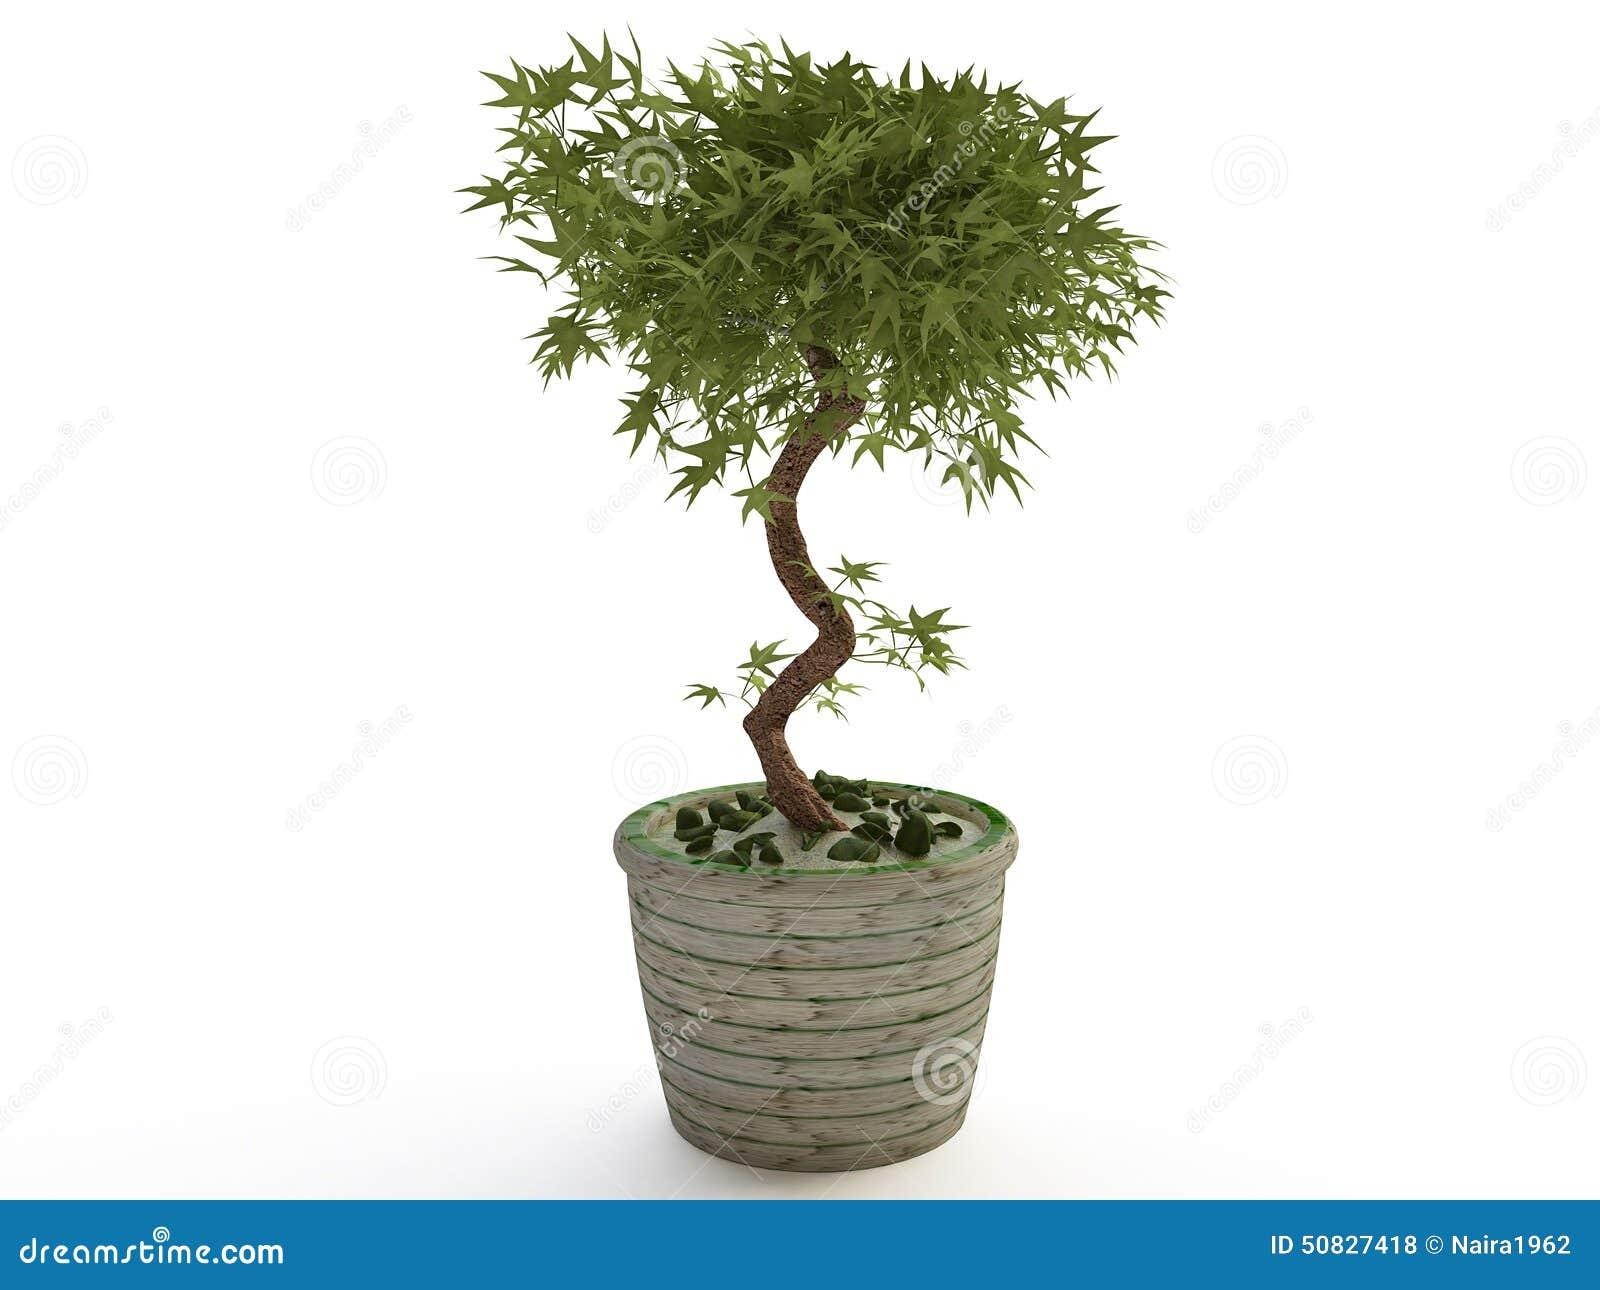 https://thumbs.dreamstime.com/z/houseplant-%C3%A1rvore-dos-bonsais-no-potenci-metro-de-flor-cer%C3%A2mico-50827418.jpg